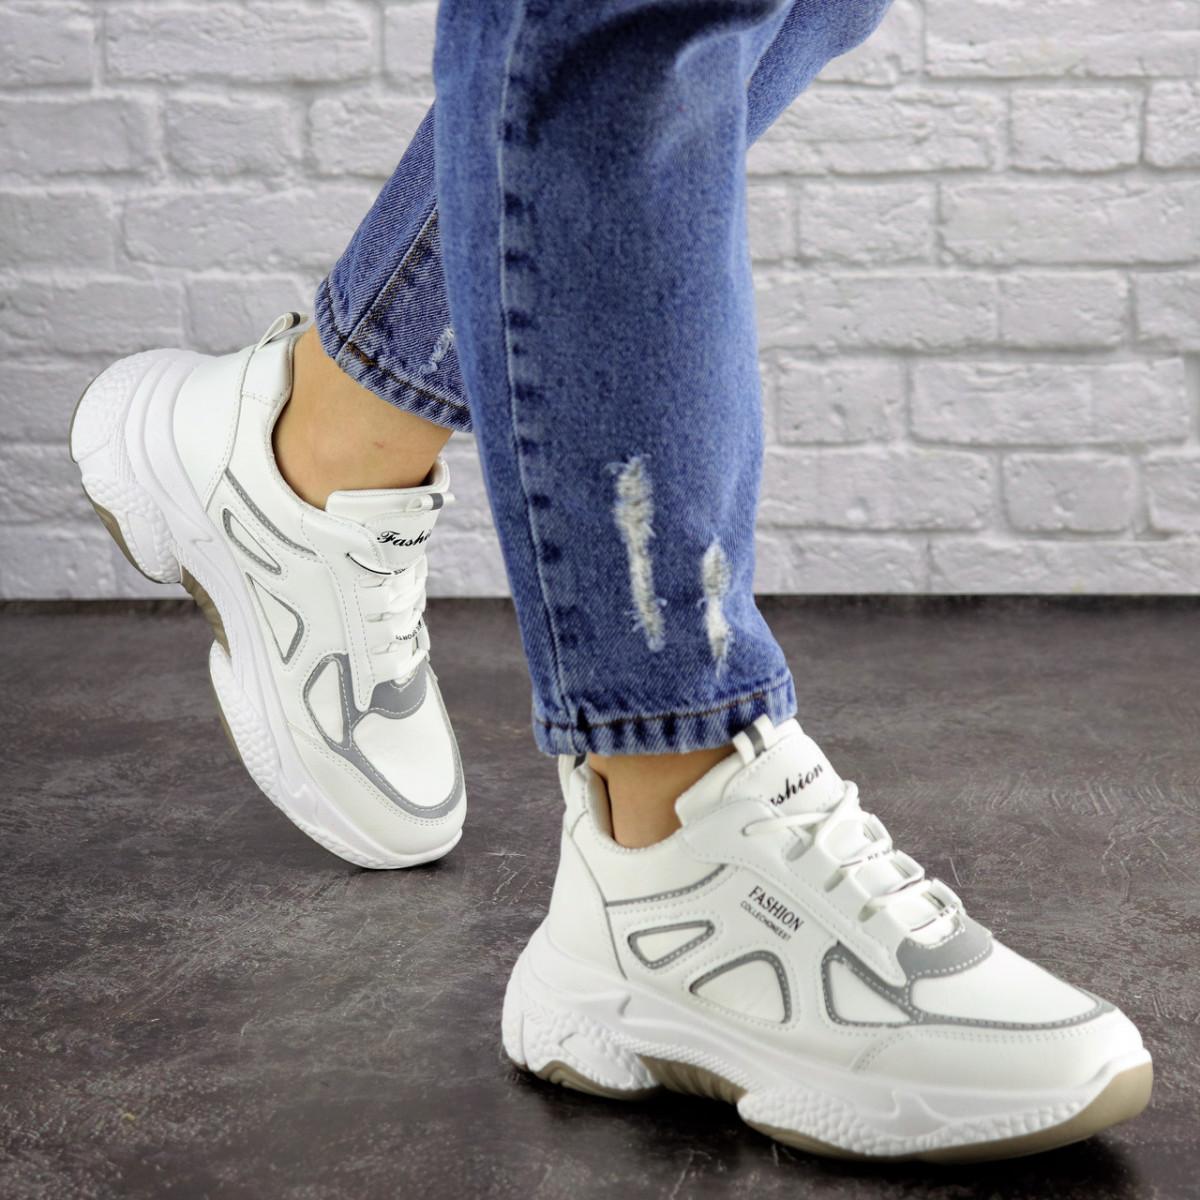 Жіночі кросівки Fashion Yandy 1682 37 розмір 22,5 см Білий